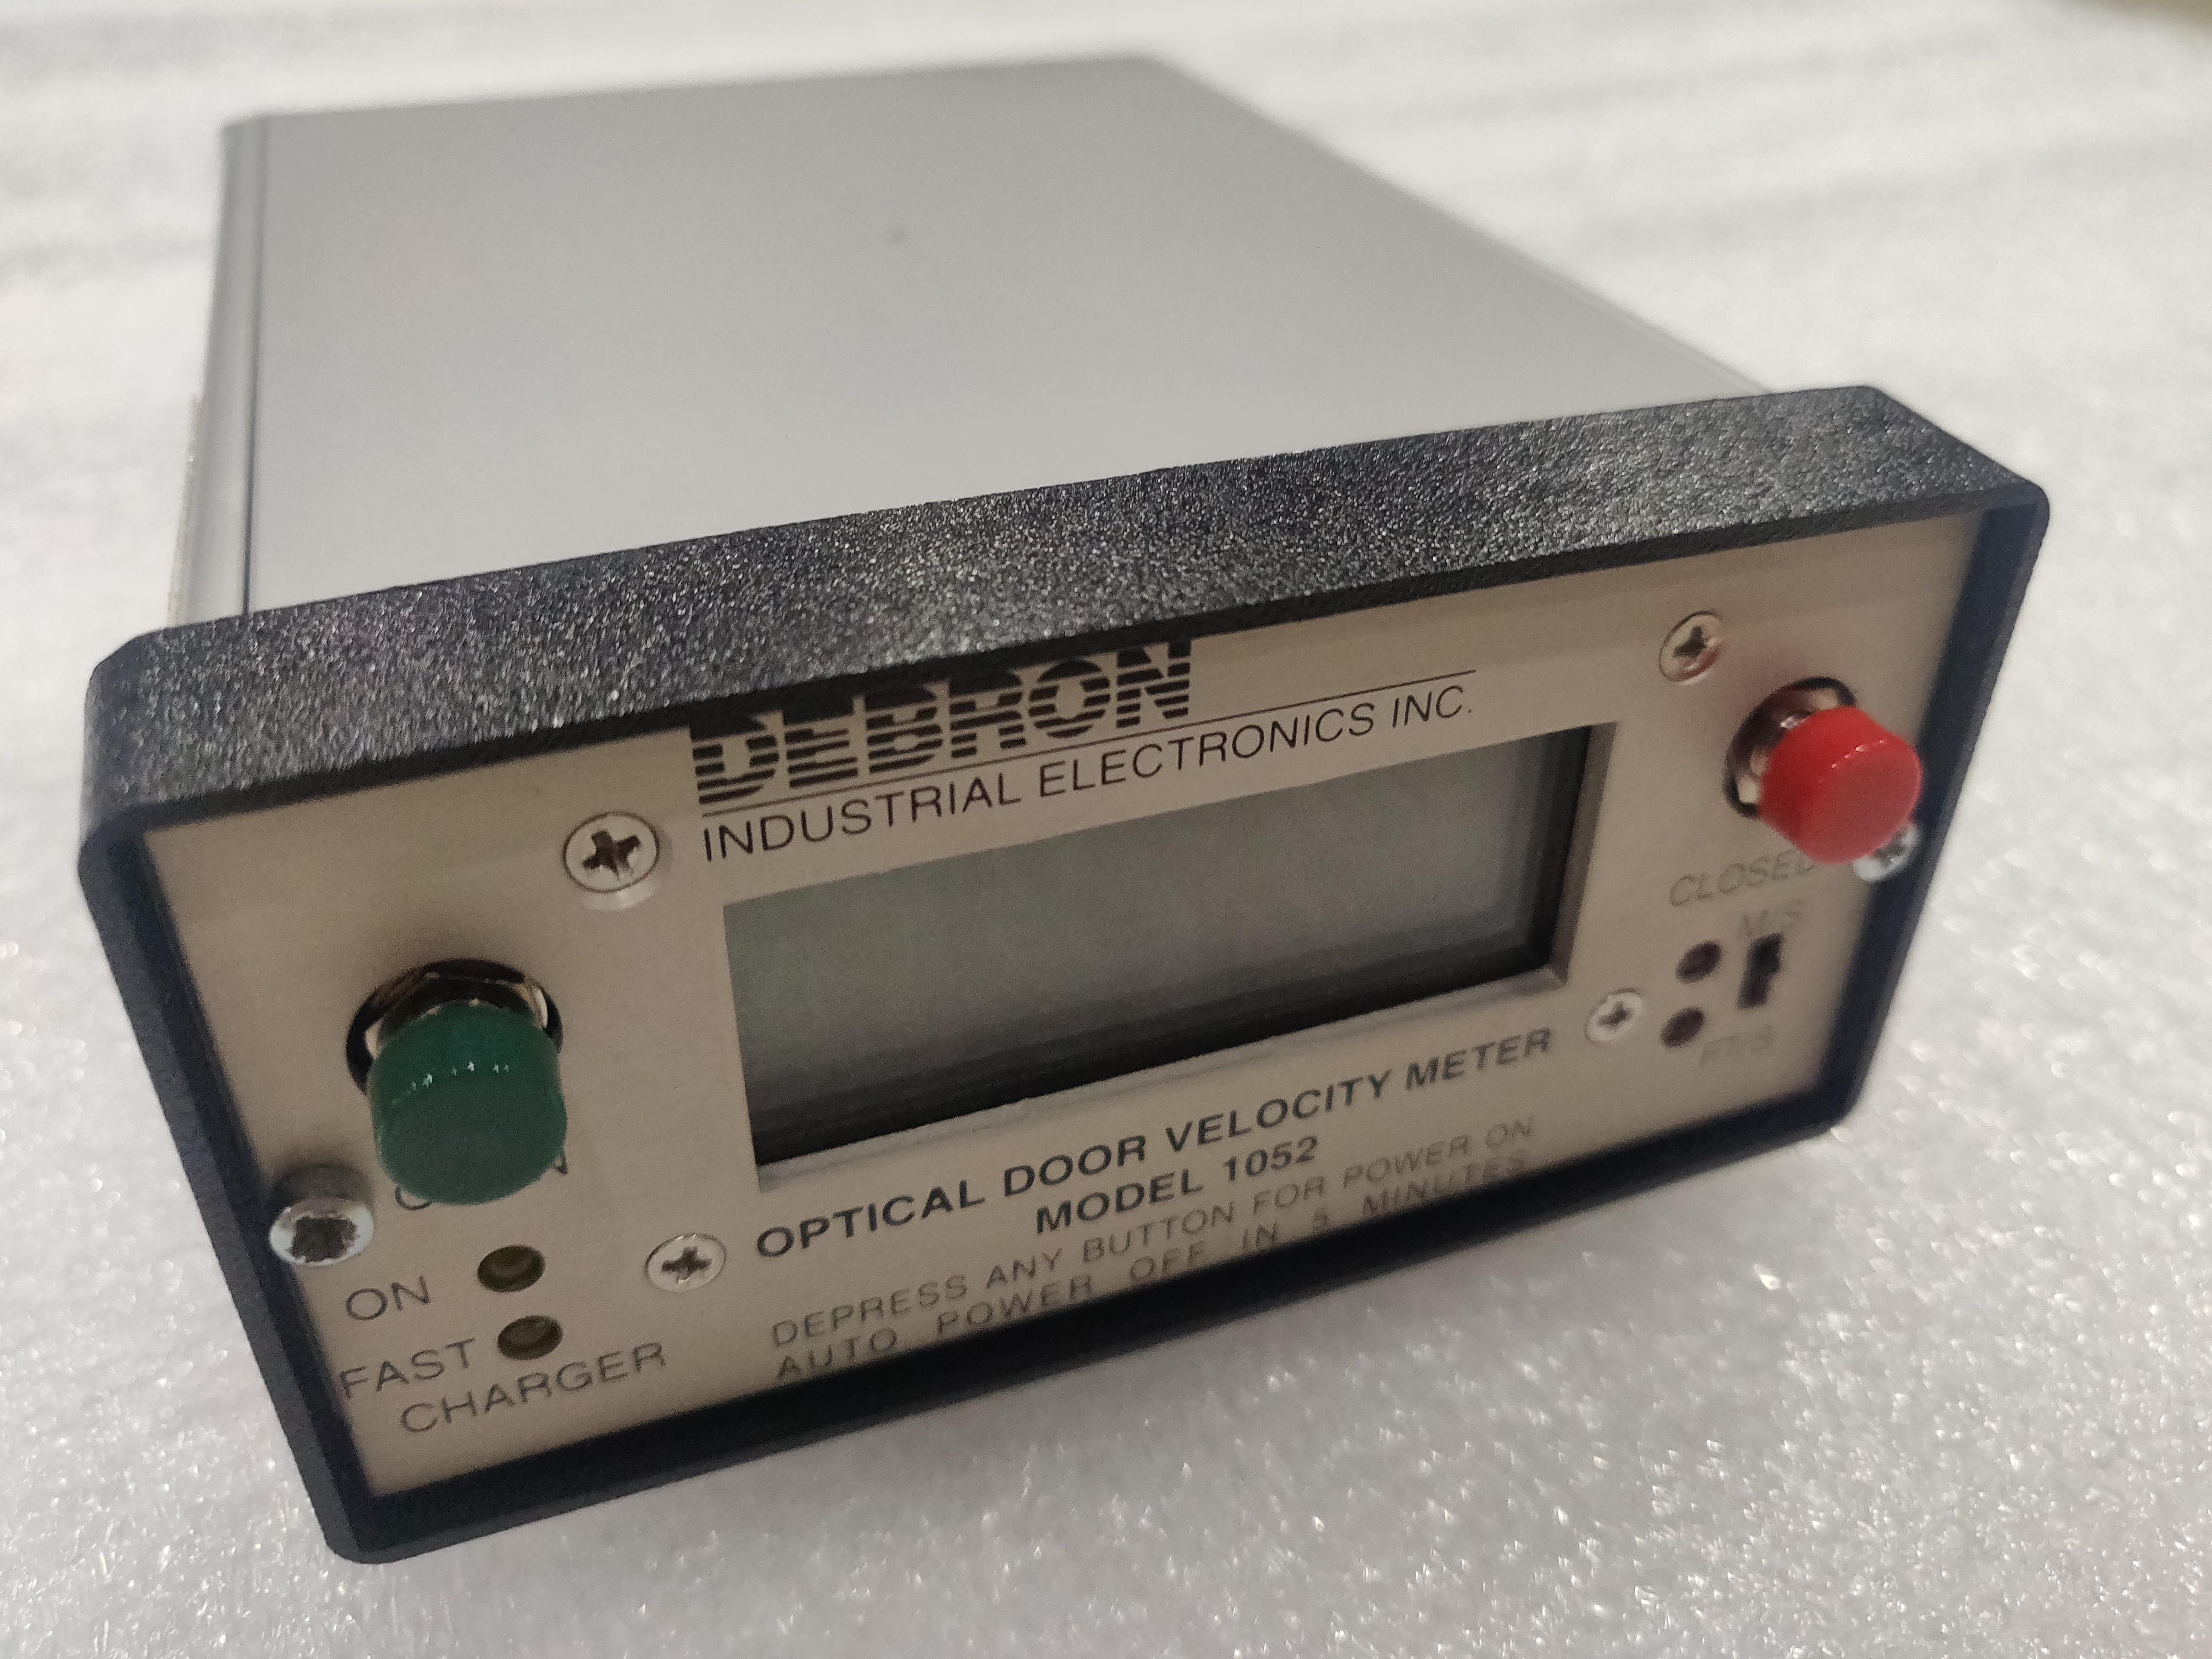 汽车关门速度仪|美国DEBRON 1052关门速度仪|关门速度仪gzyro|在线关门速度检测仪